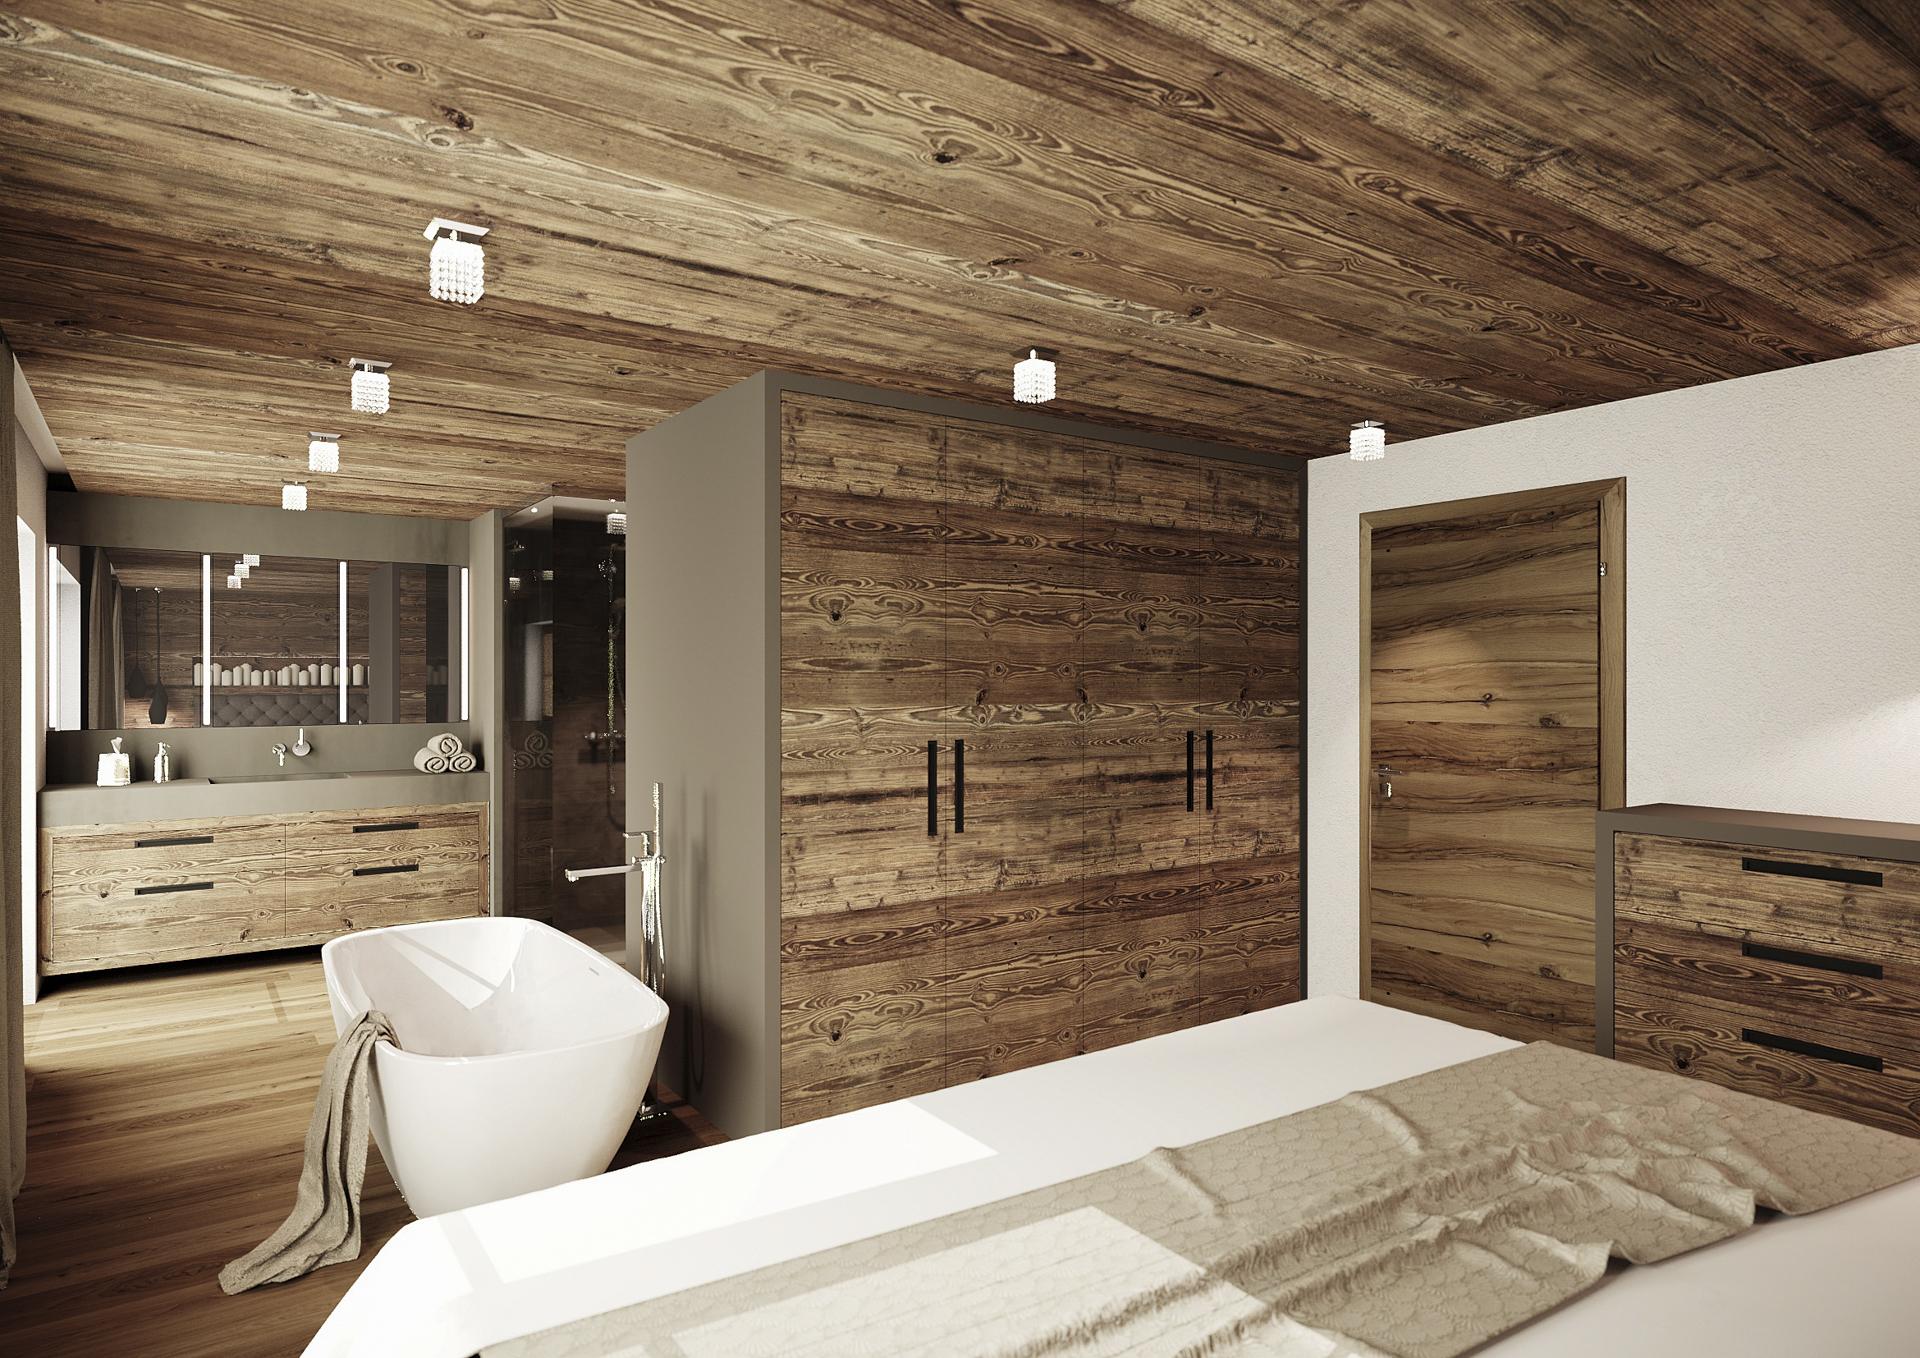 tischlerei-decker-visualisierungen-Schlafzimmer-mit-Badezimmer